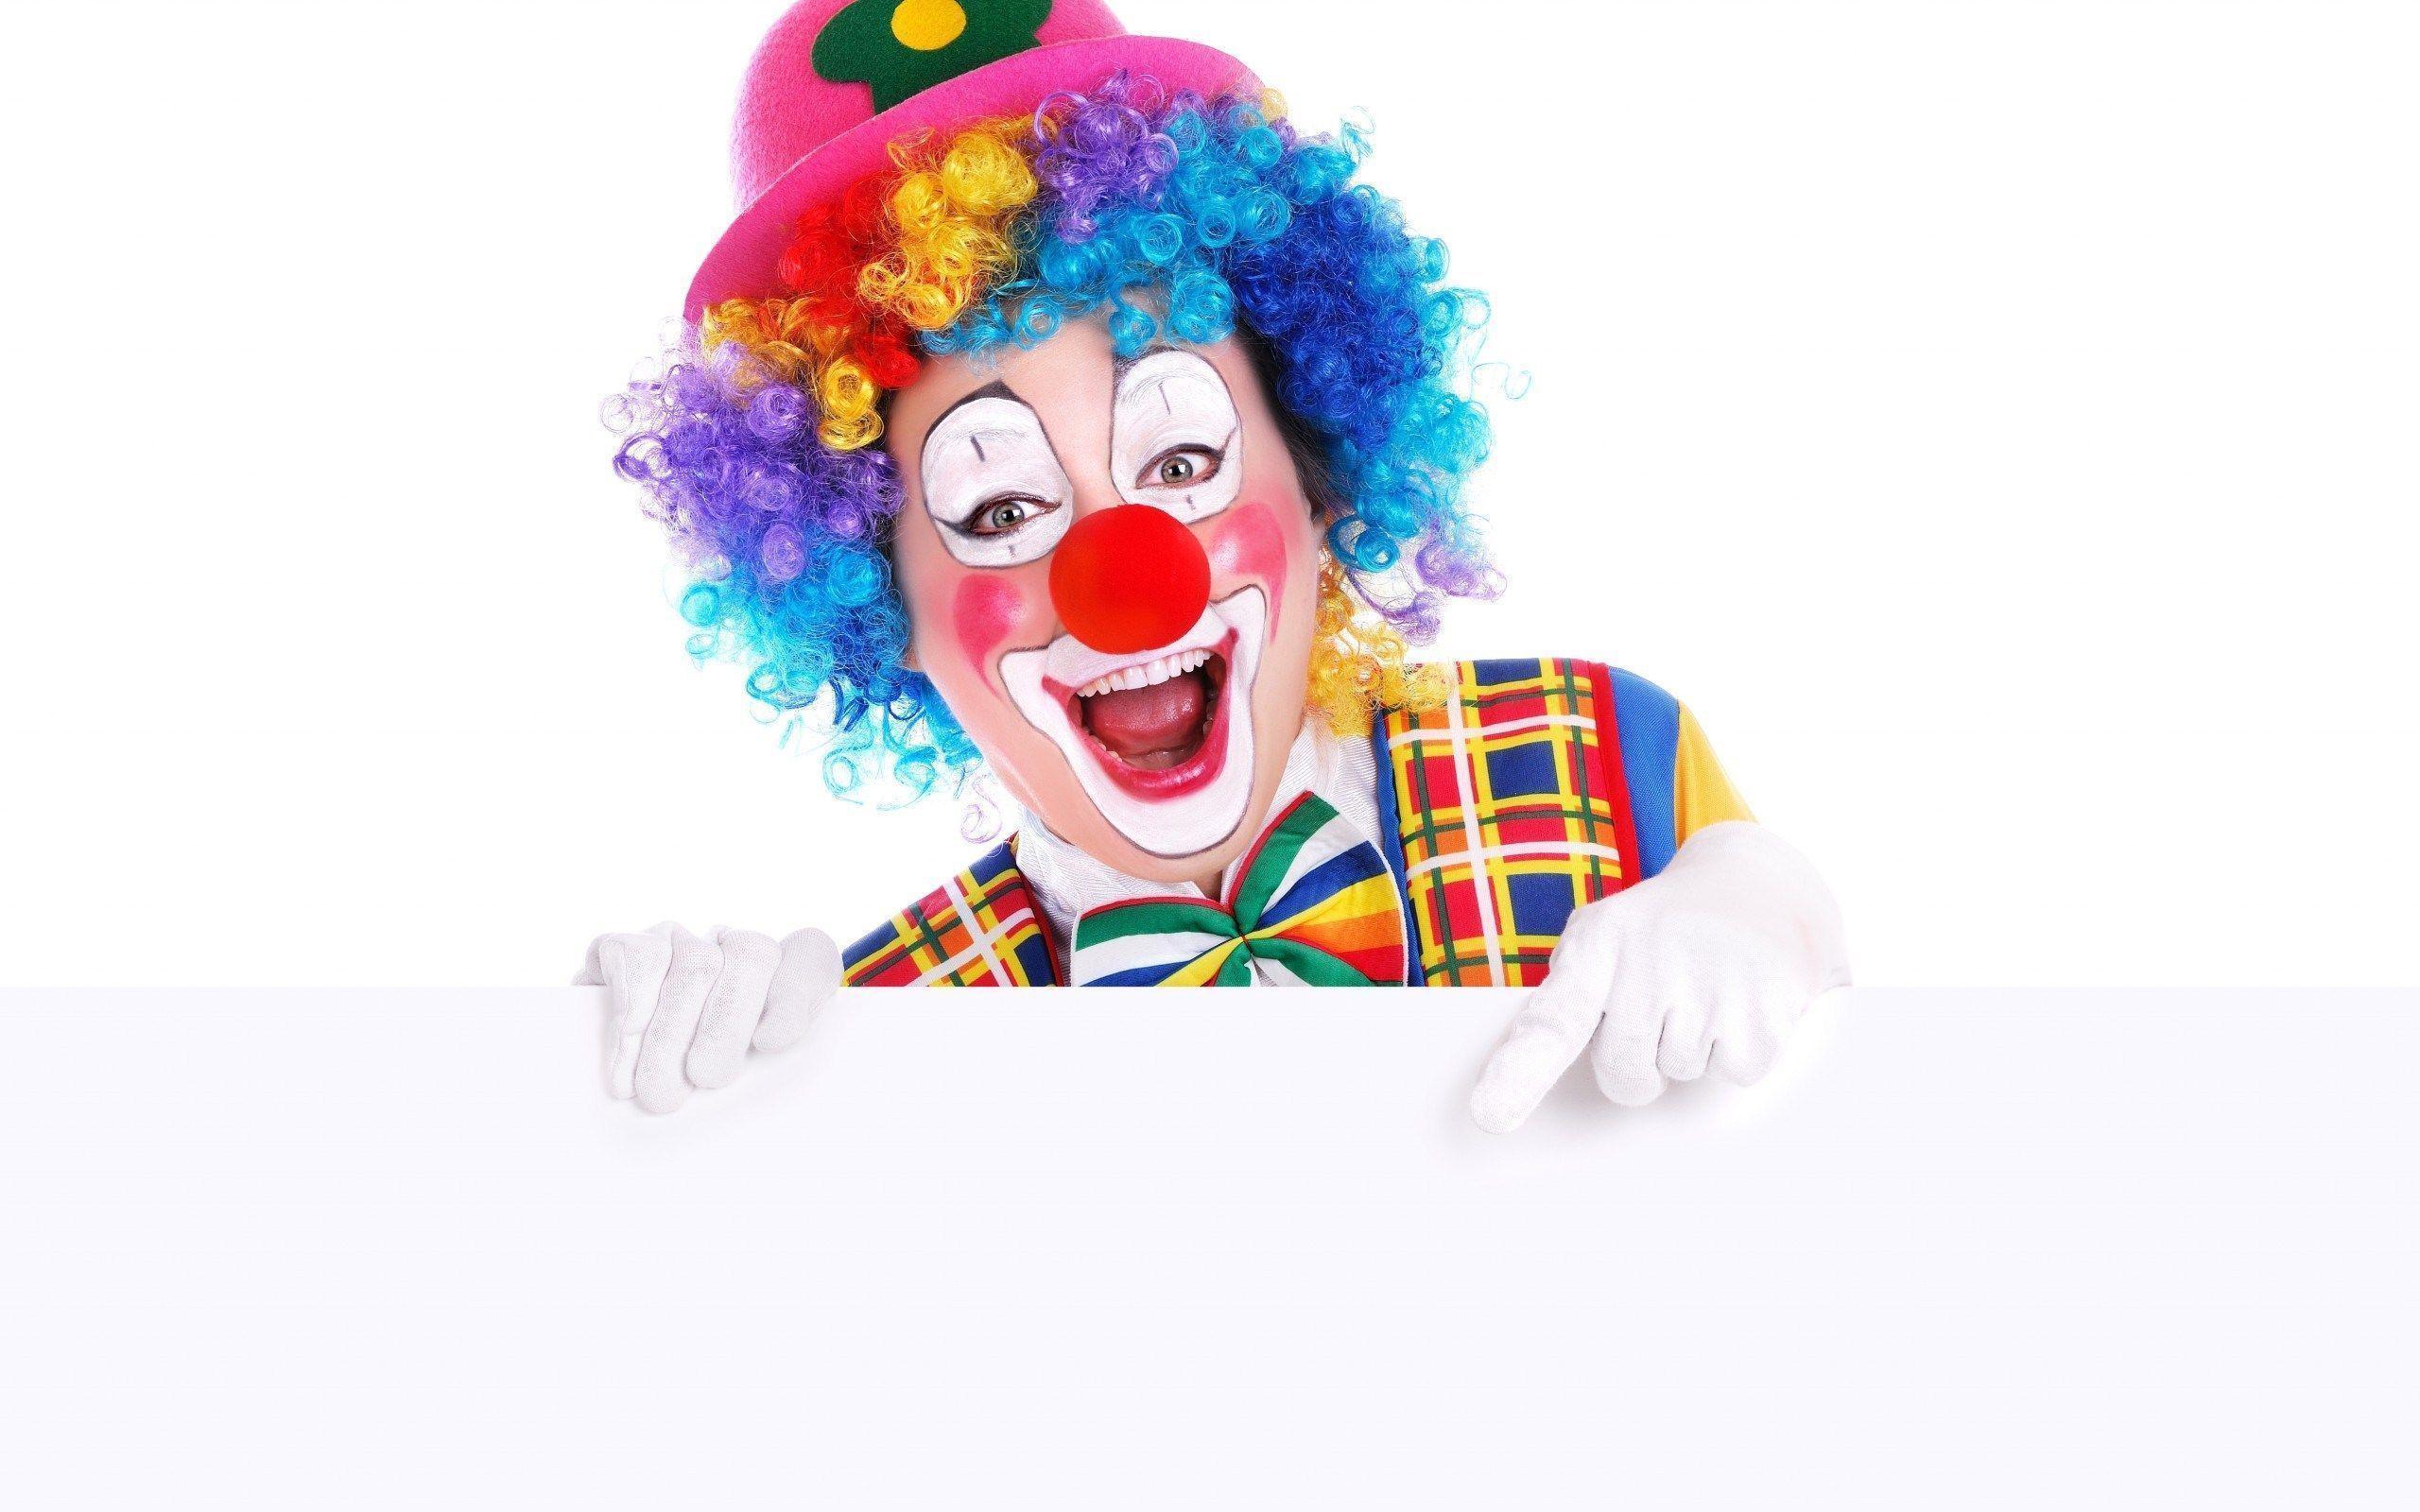 Free clown wallpapers wallpaper cave for Clown schminken bilder